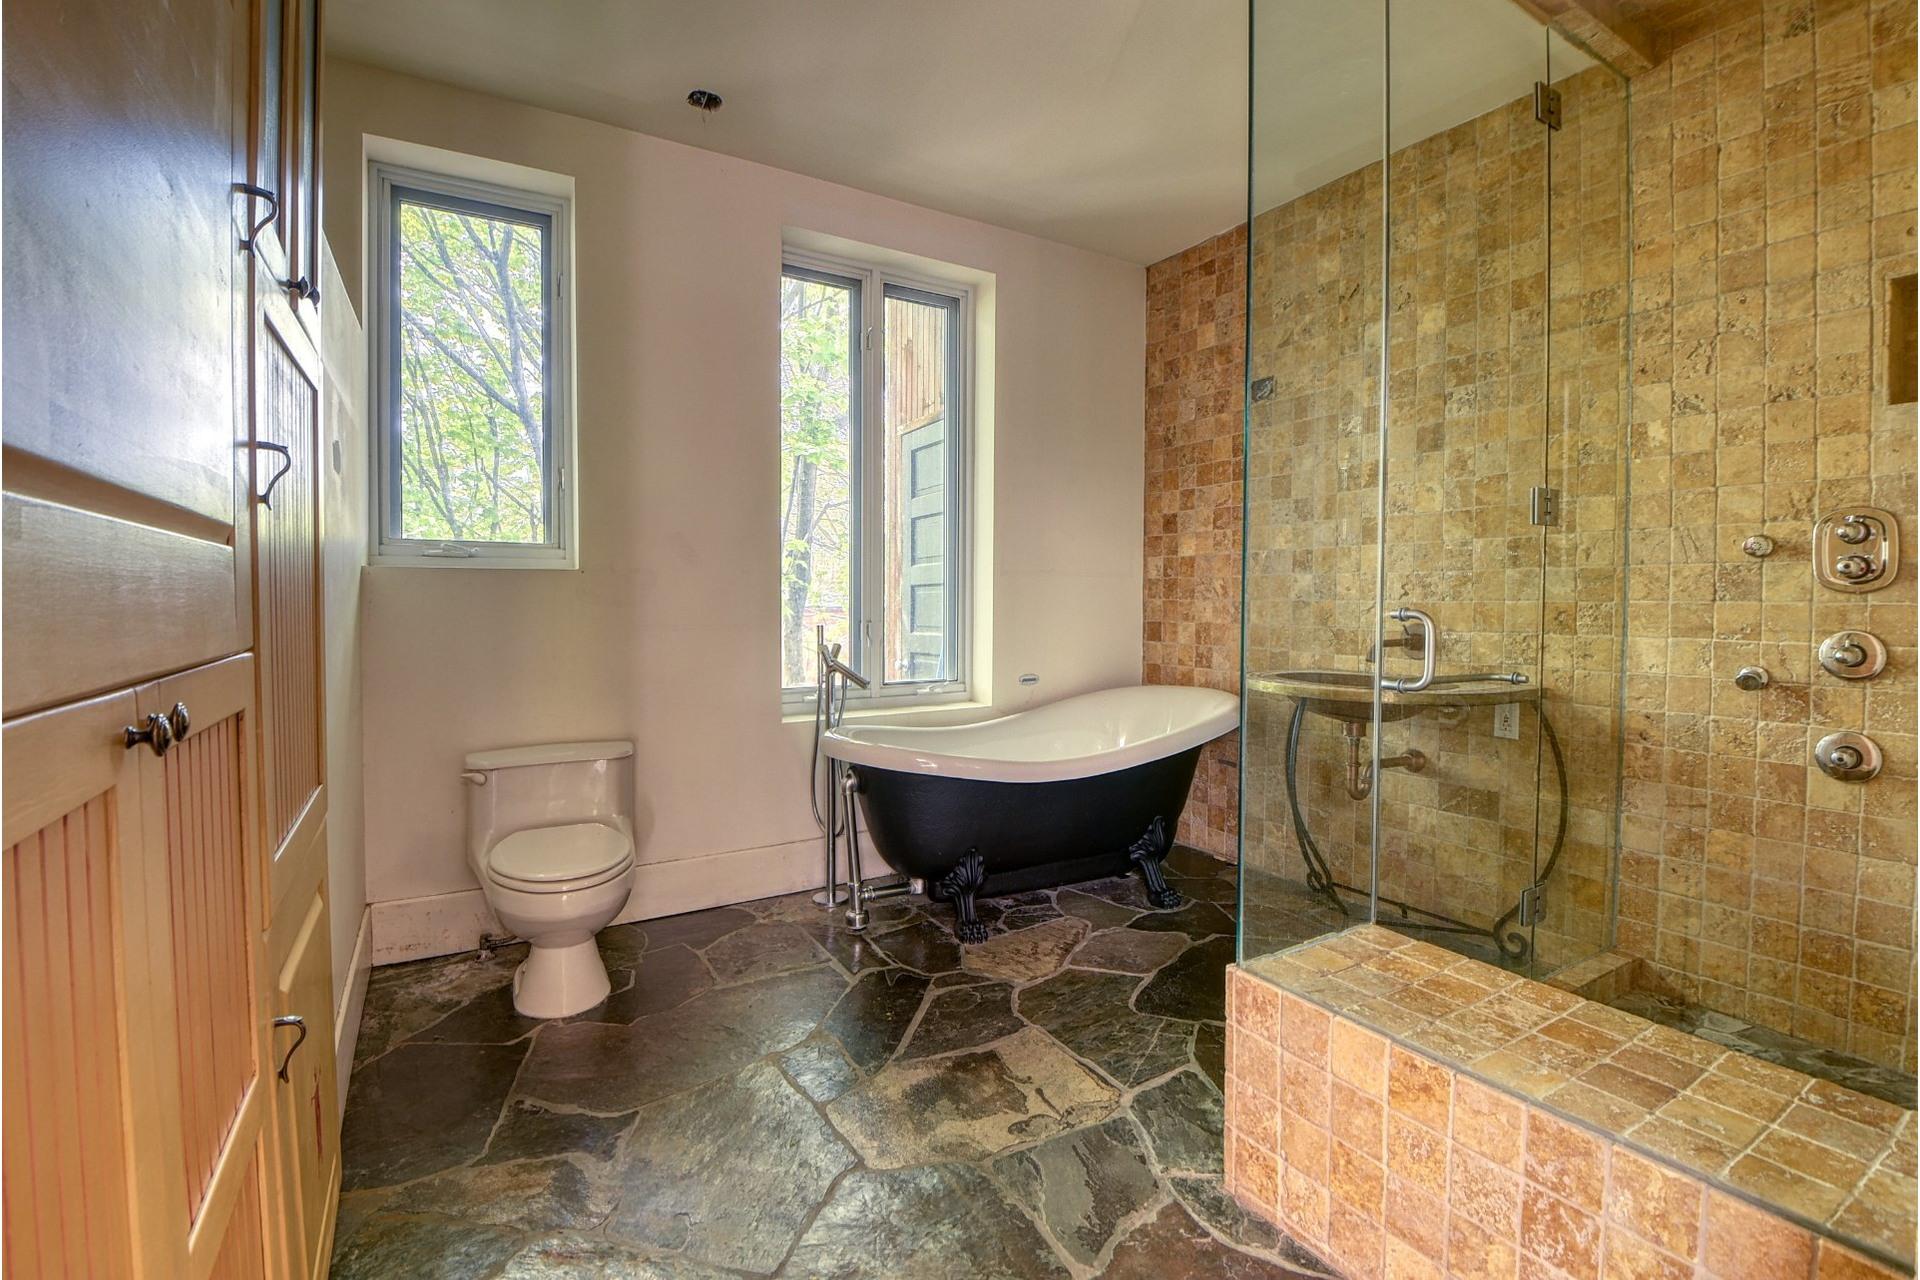 image 4 - Appartement À vendre Le Plateau-Mont-Royal Montréal  - 5 pièces